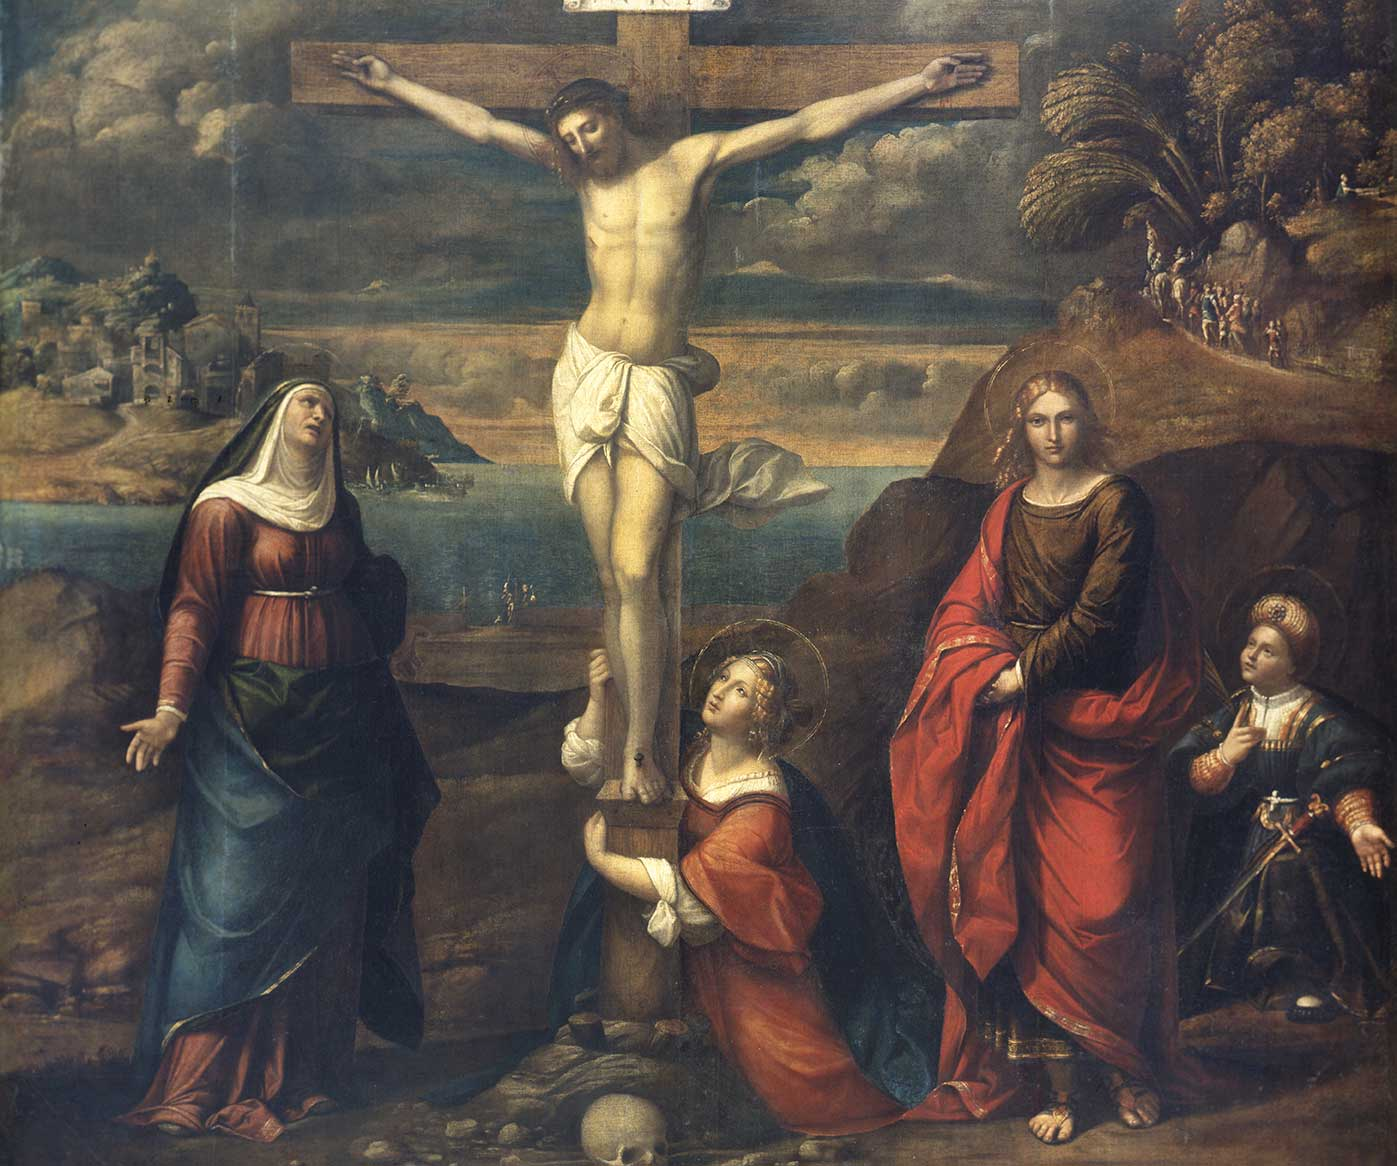 Cristo Crocefisso, con la Vergine, Maria Maddalena e i Santi Giovanni Evangelista e Vito, Benvenuto Tisi detto il Garofalo